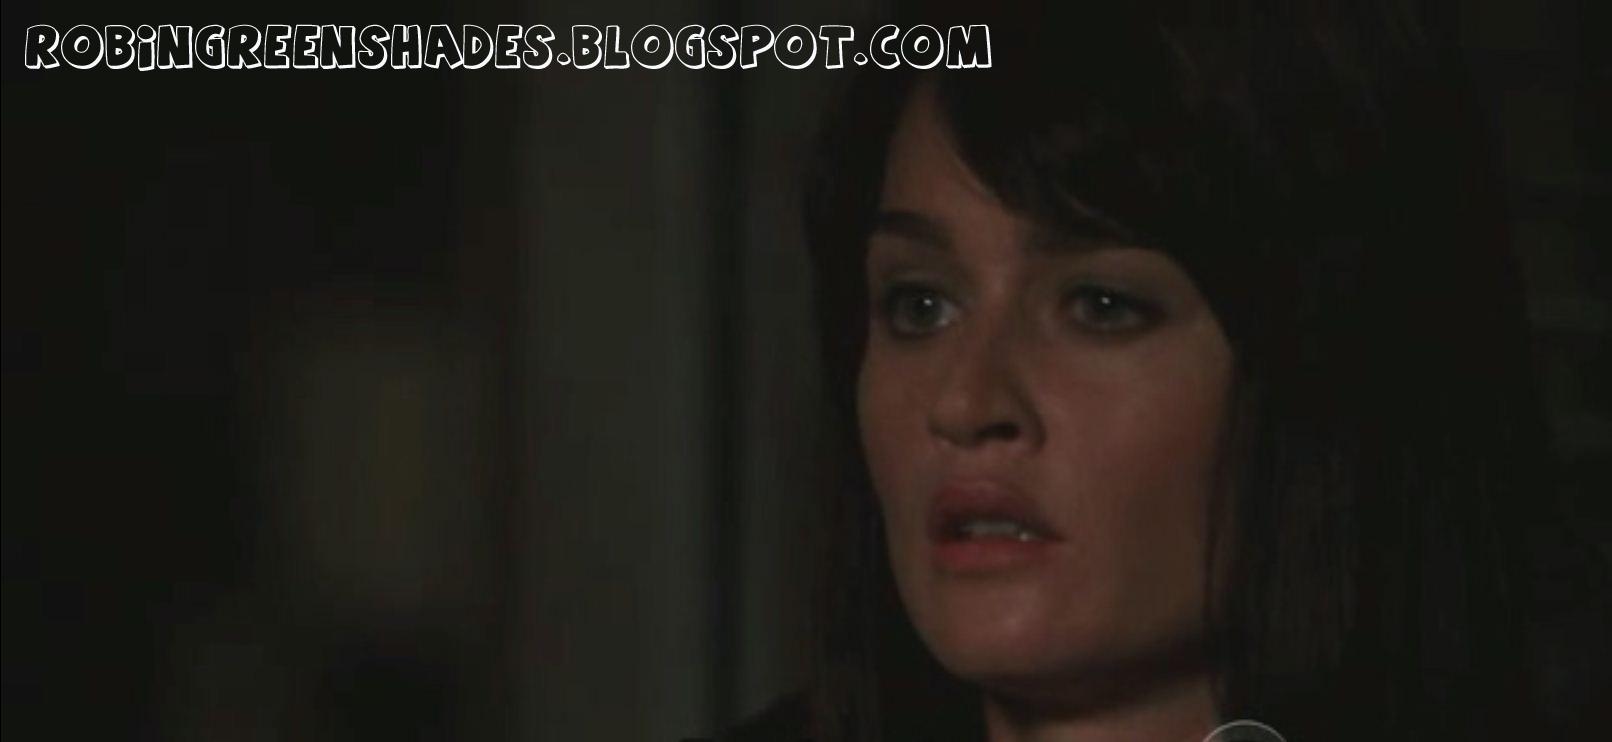 Teresa Lisbon - 2x02 The Scarlet Letter